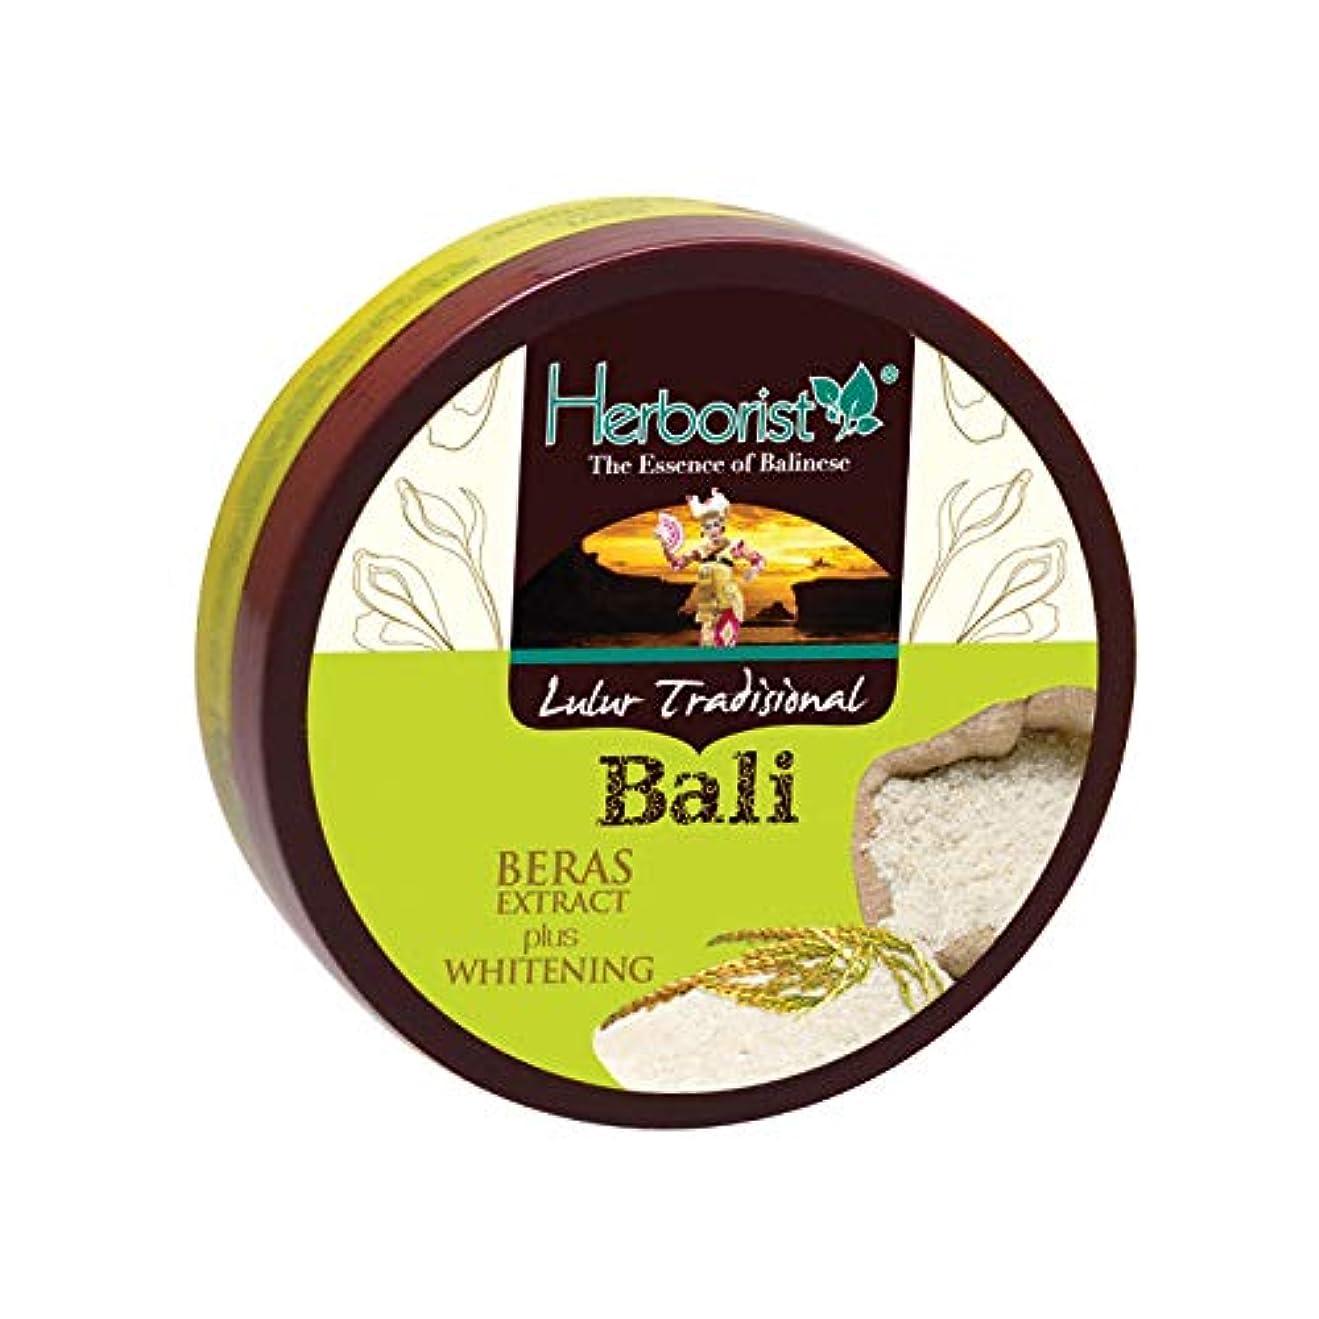 Herborist ハーボリスト インドネシアバリ島の伝統的なボディスクラブ Lulur Tradisional Bali ルルールトラディショナルバリ 100g Beras ライス [海外直送品]